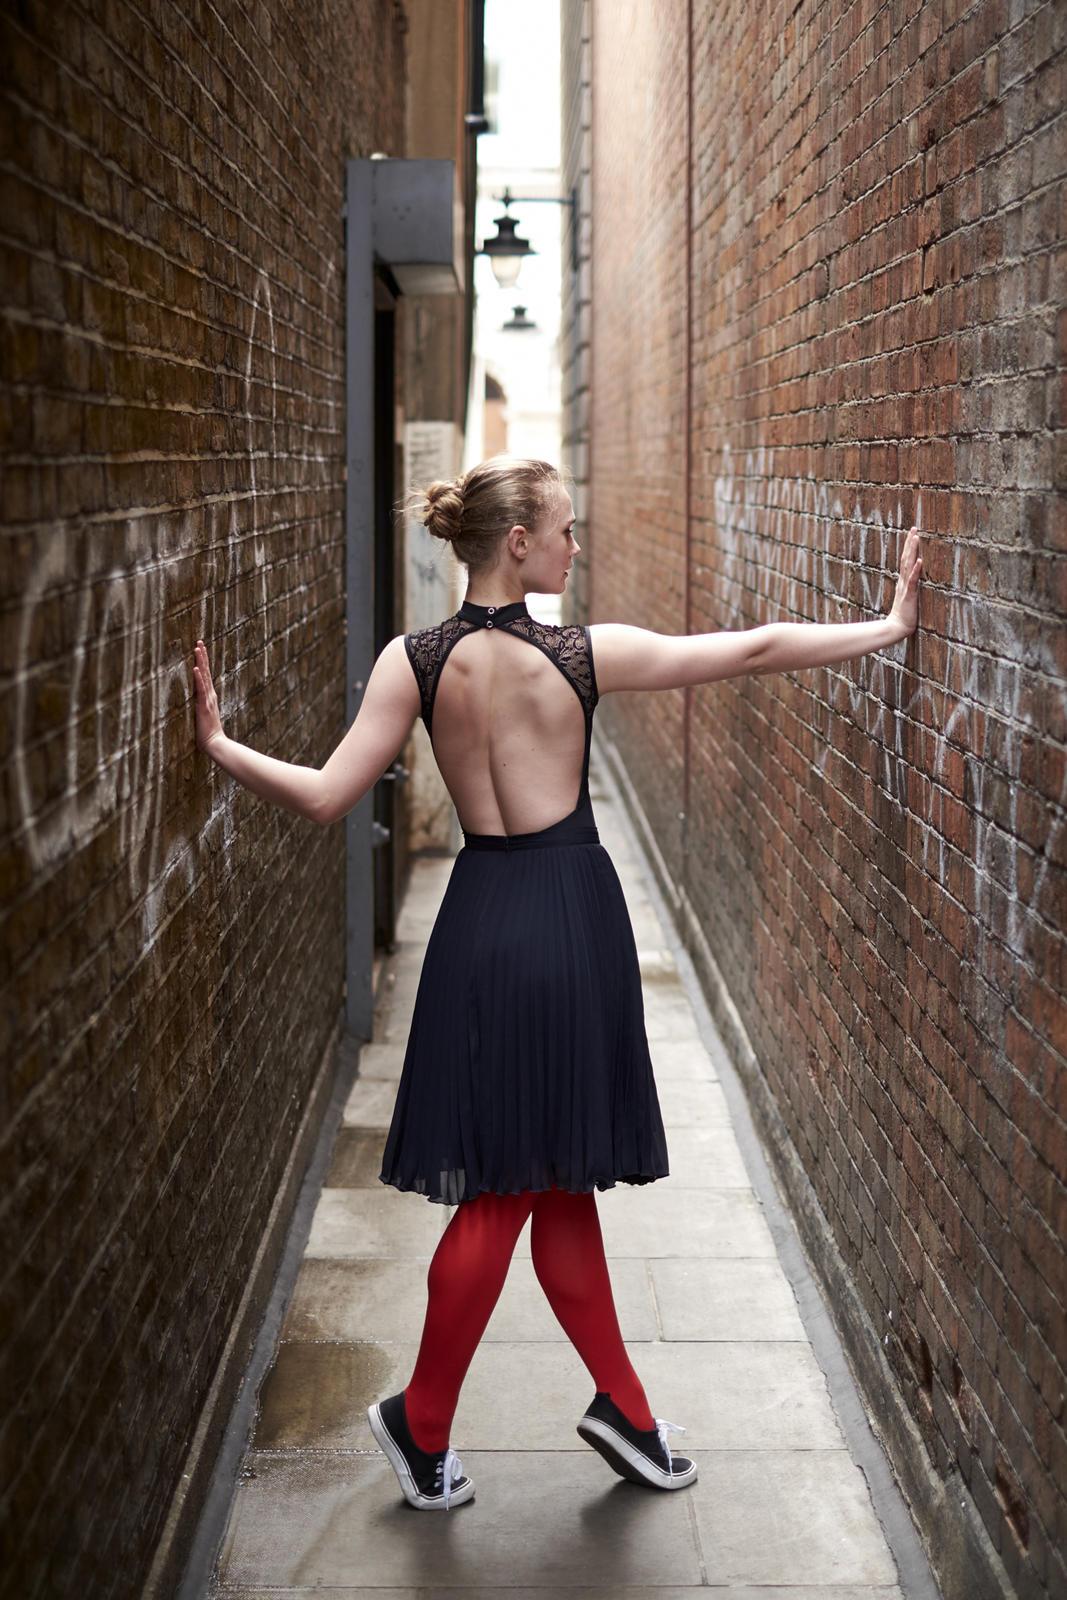 Foto van een ballerina in een steeg met jurk met blote rug